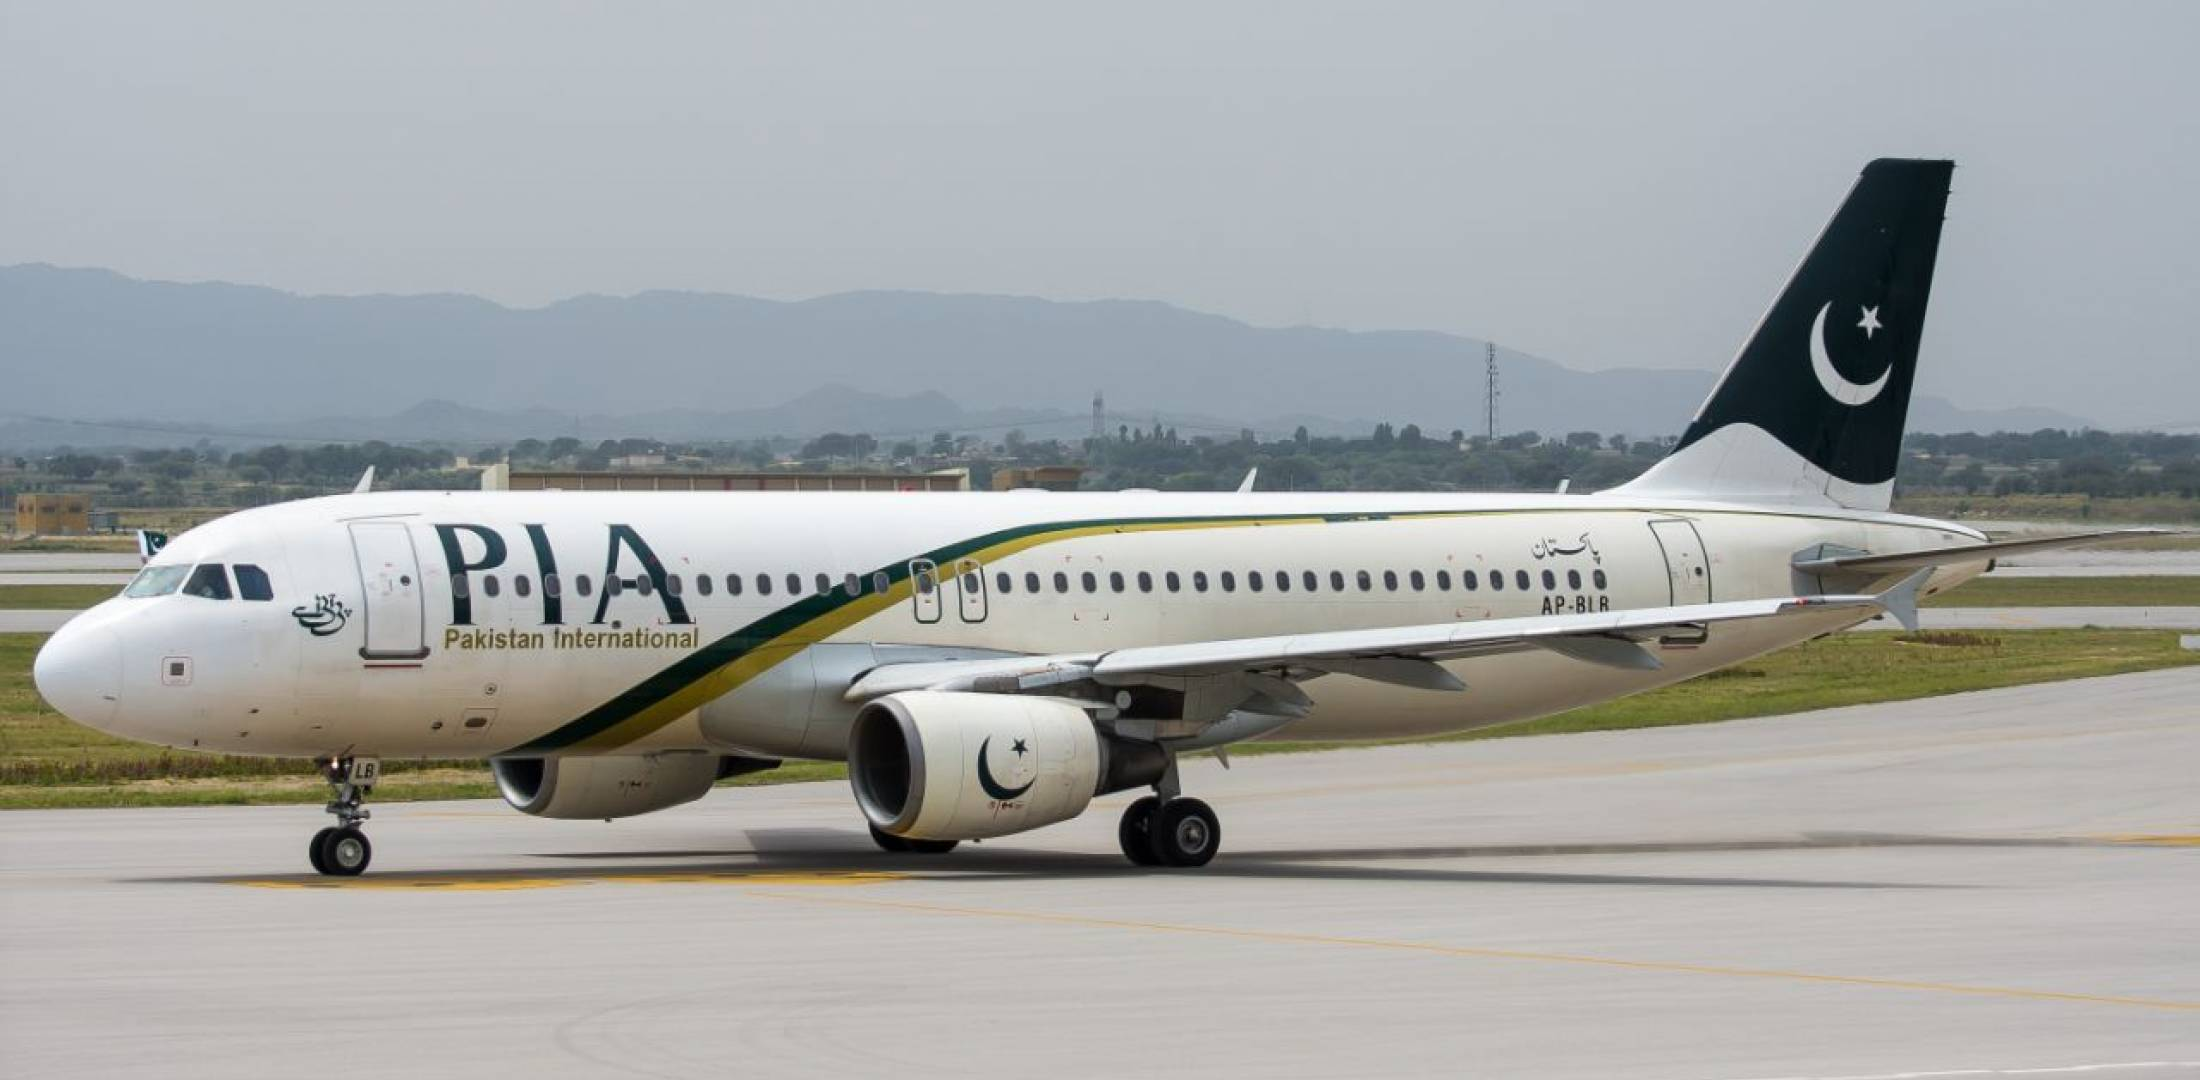 Ավիաընկերությունը շուրջ 80 չվերթ է իրականացրել առանց ուղևորների